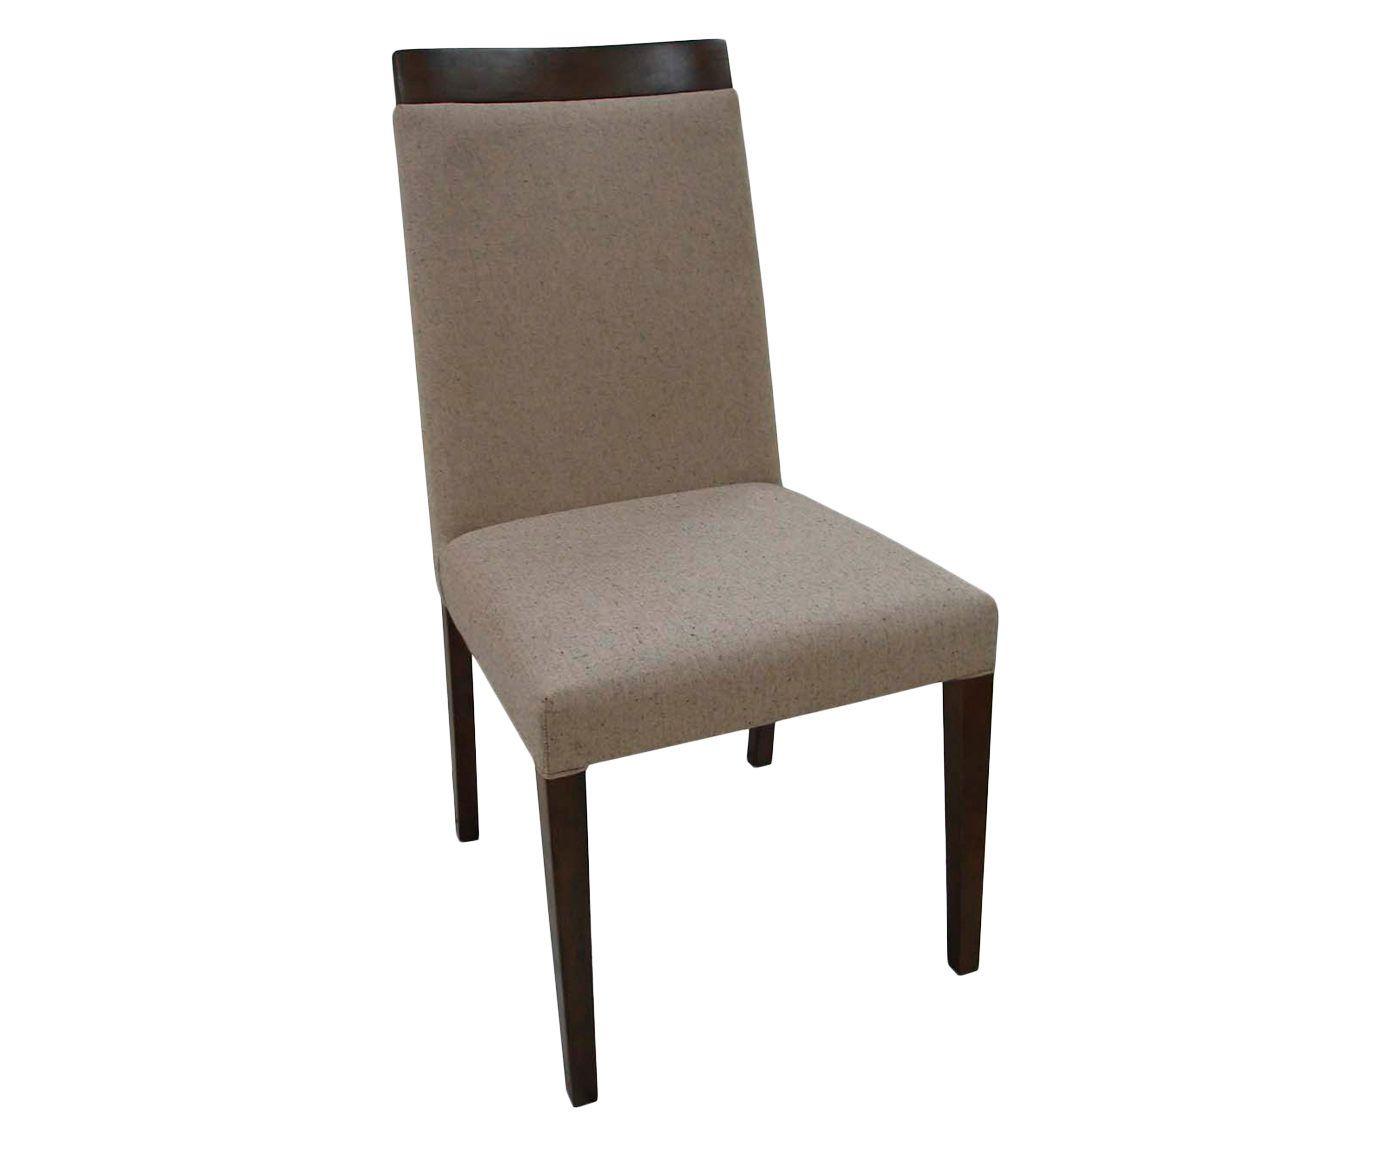 Cadeira daniela   Westwing.com.br